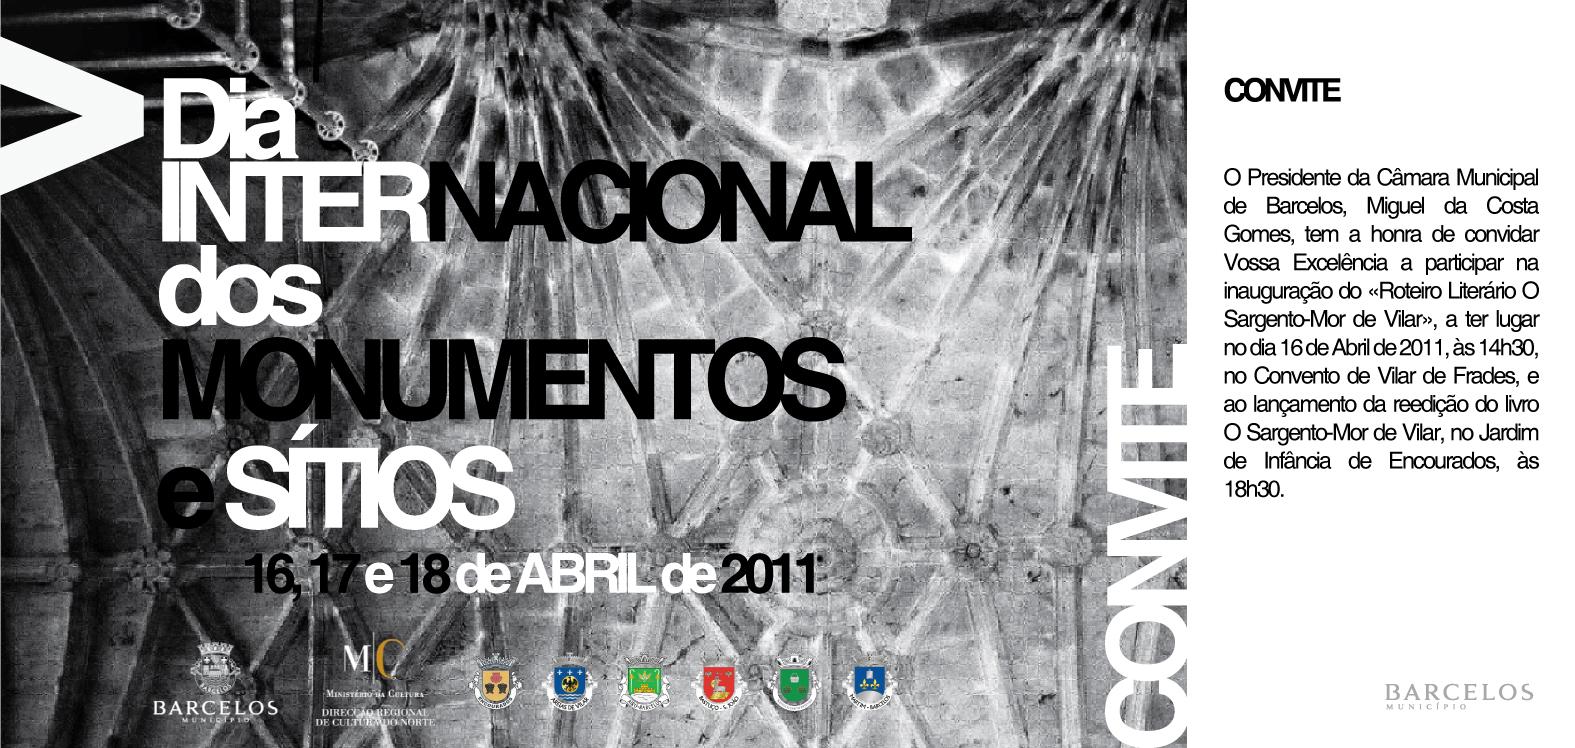 Câmara Municipal comemora Dia Internacional dos Monumentos e Sítios